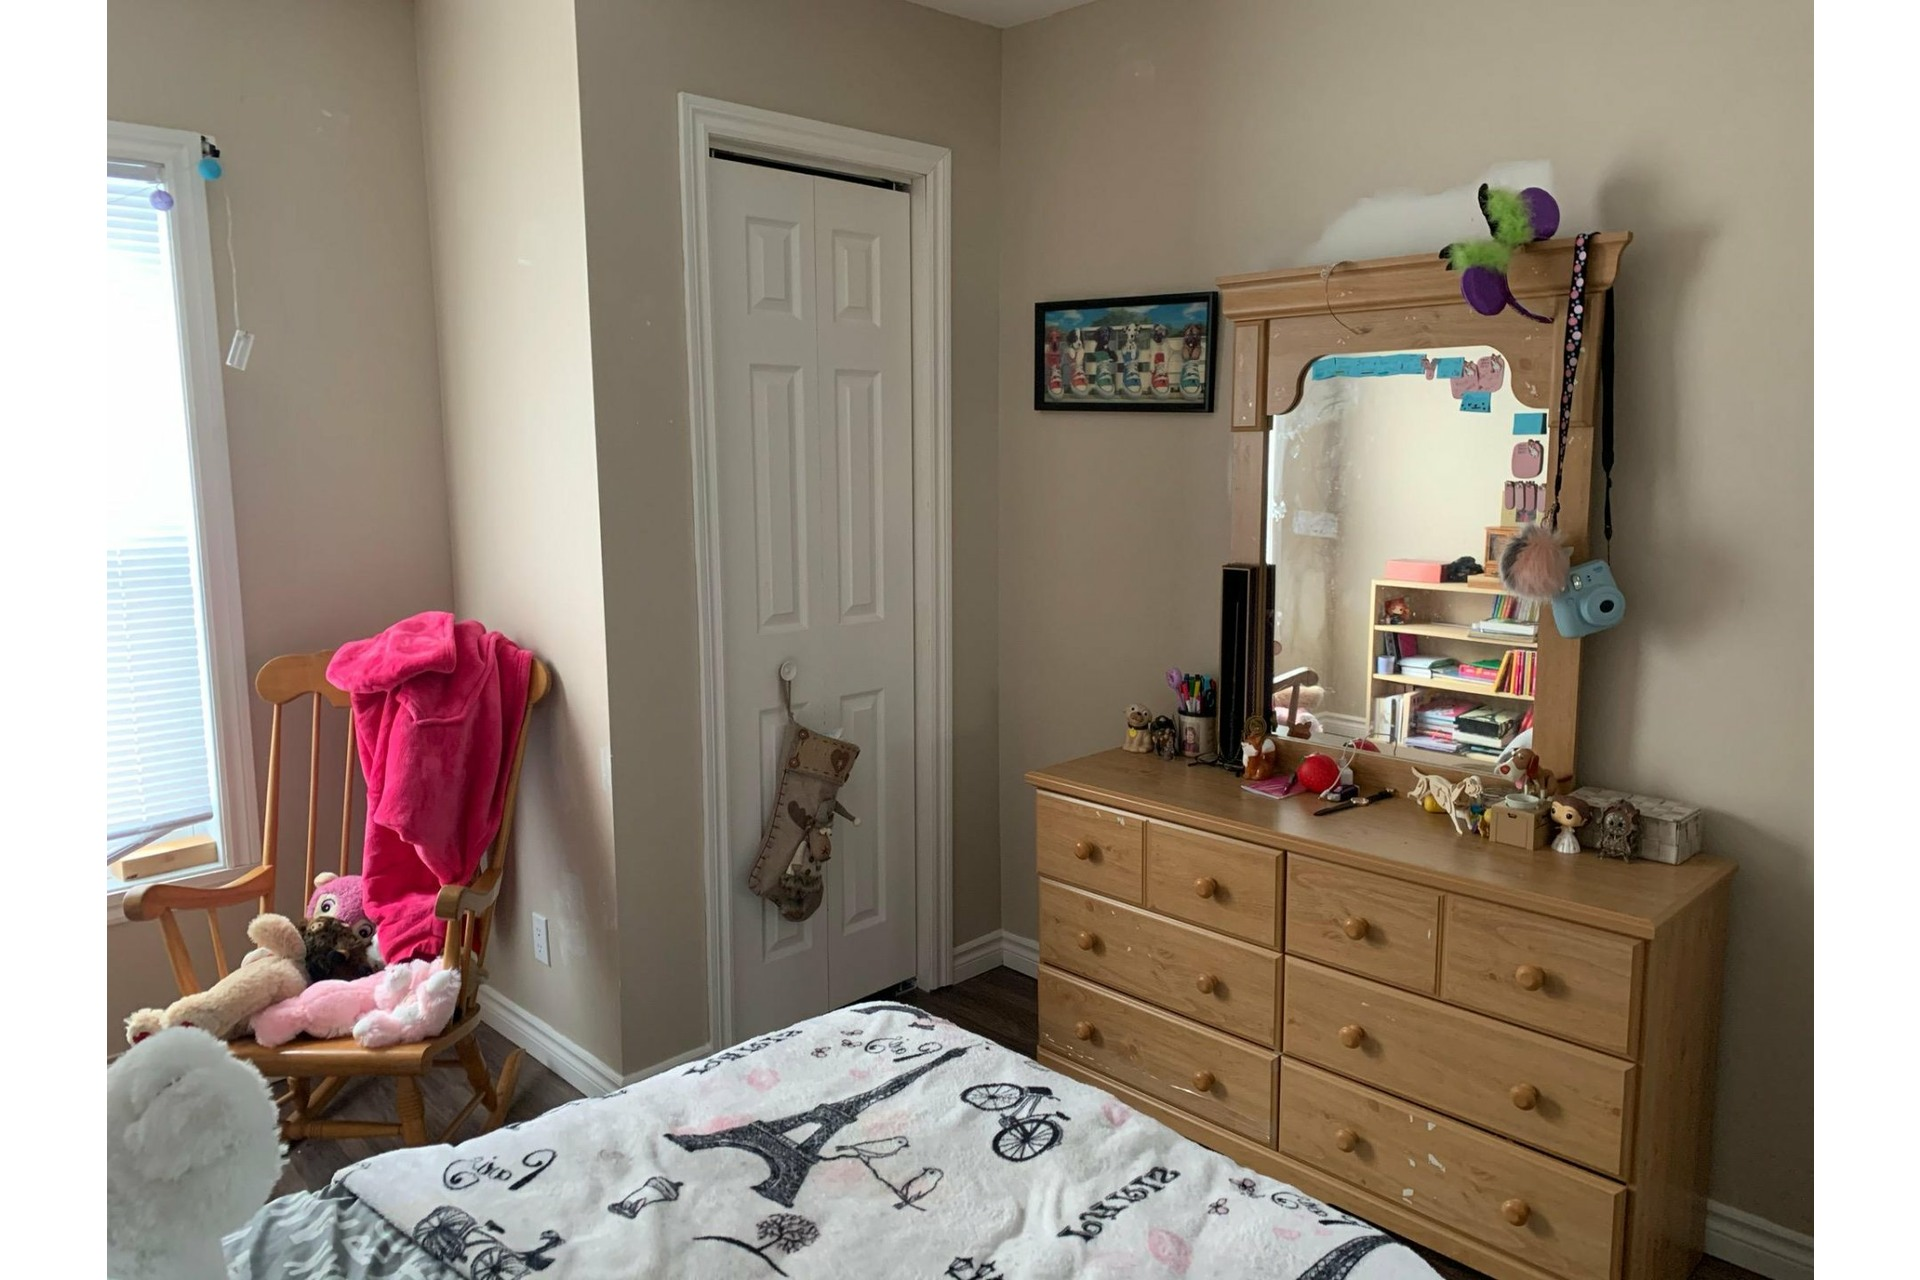 image 11 - Duplex For sale Trois-Rivières - 6 rooms